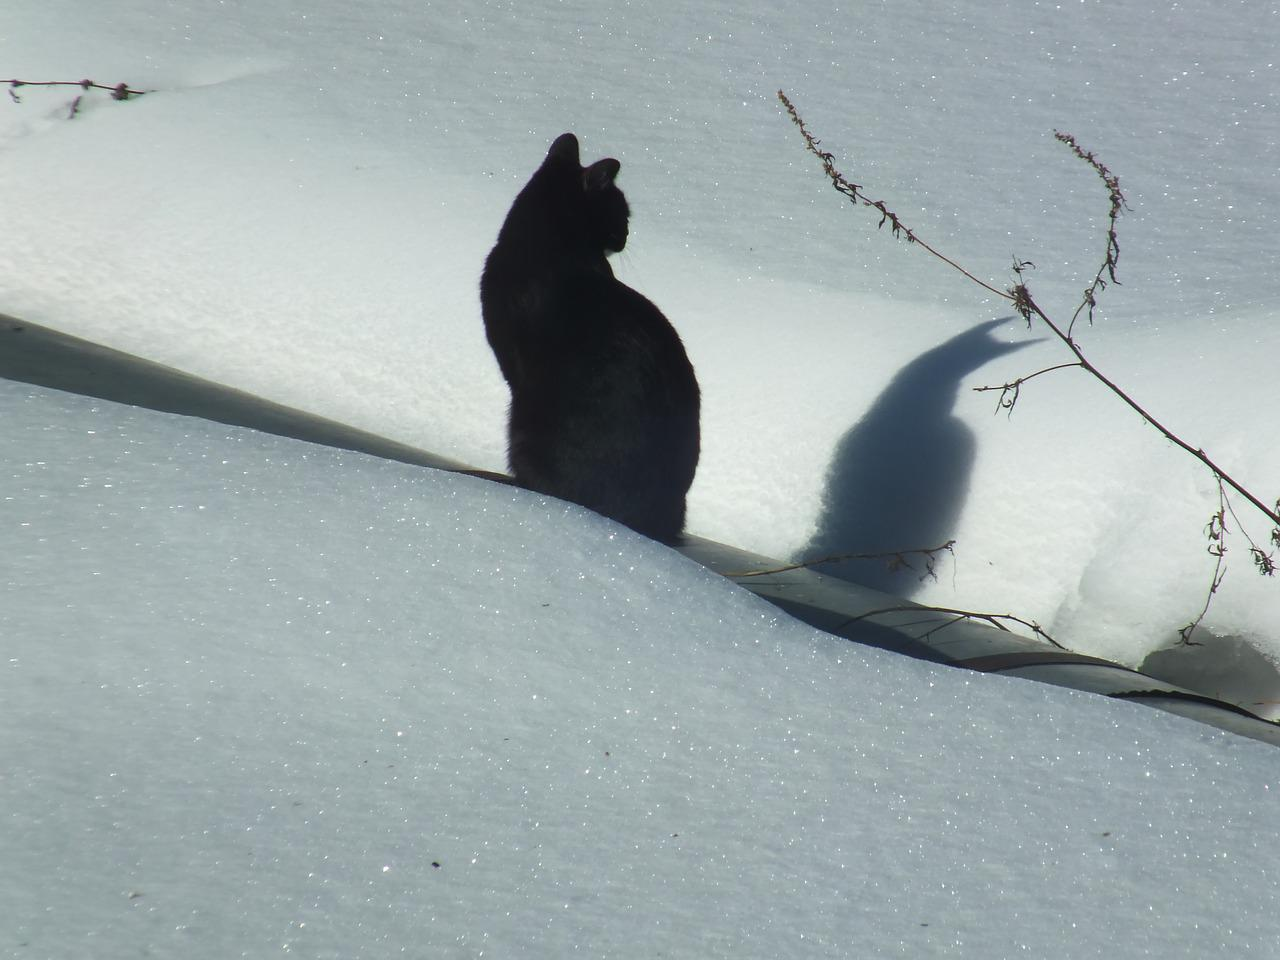 натуральной картинка черная кошка в снегу профессионализм